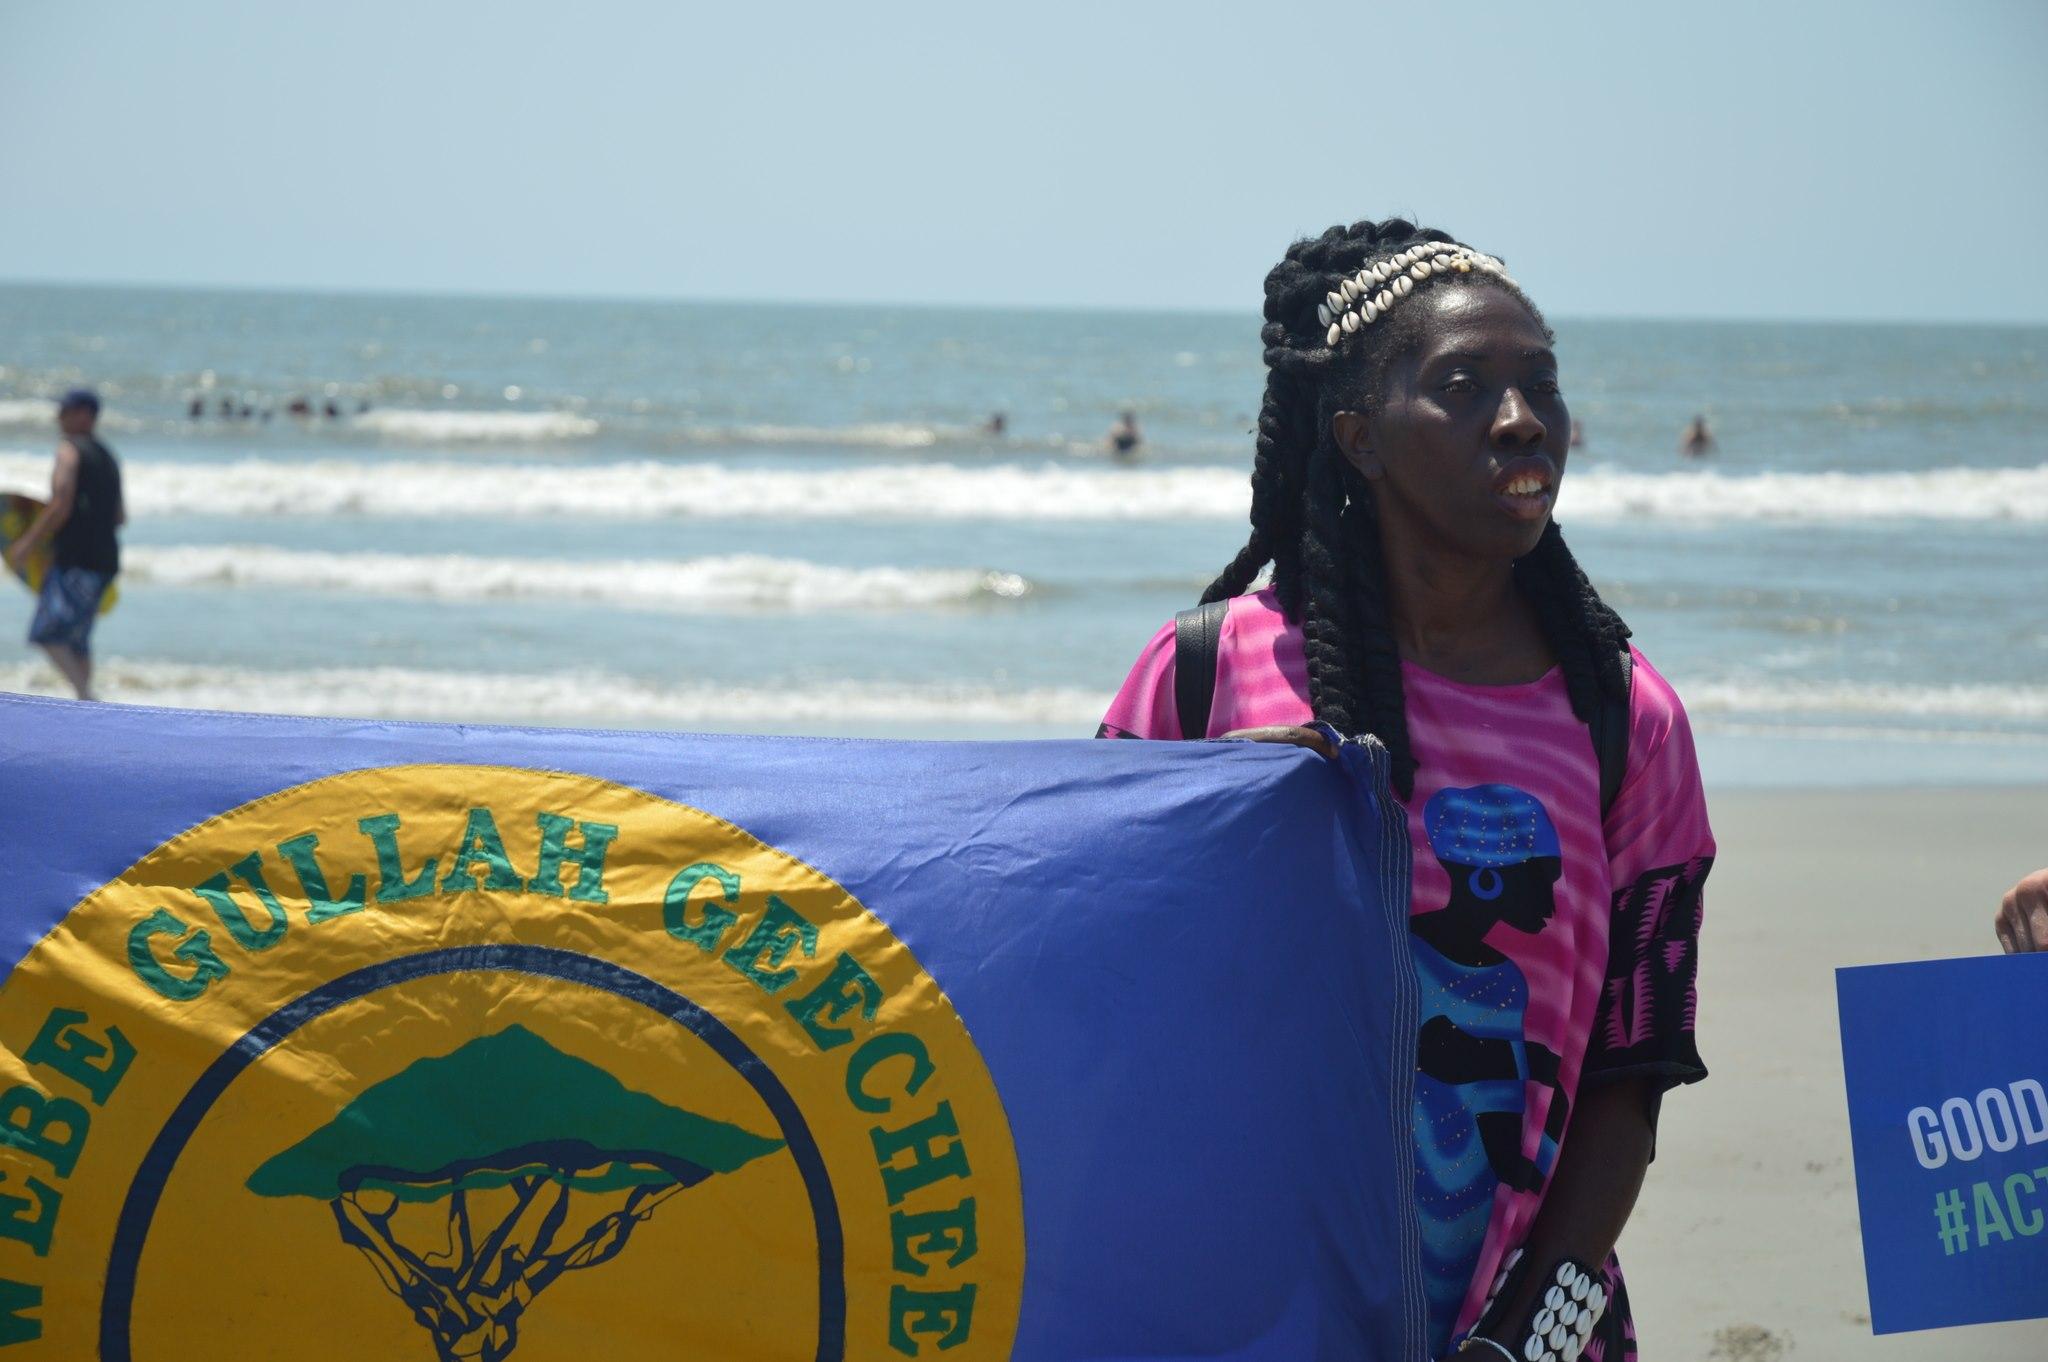 Queen Quet of the @GullahGeechee Standing Up for the Ocean